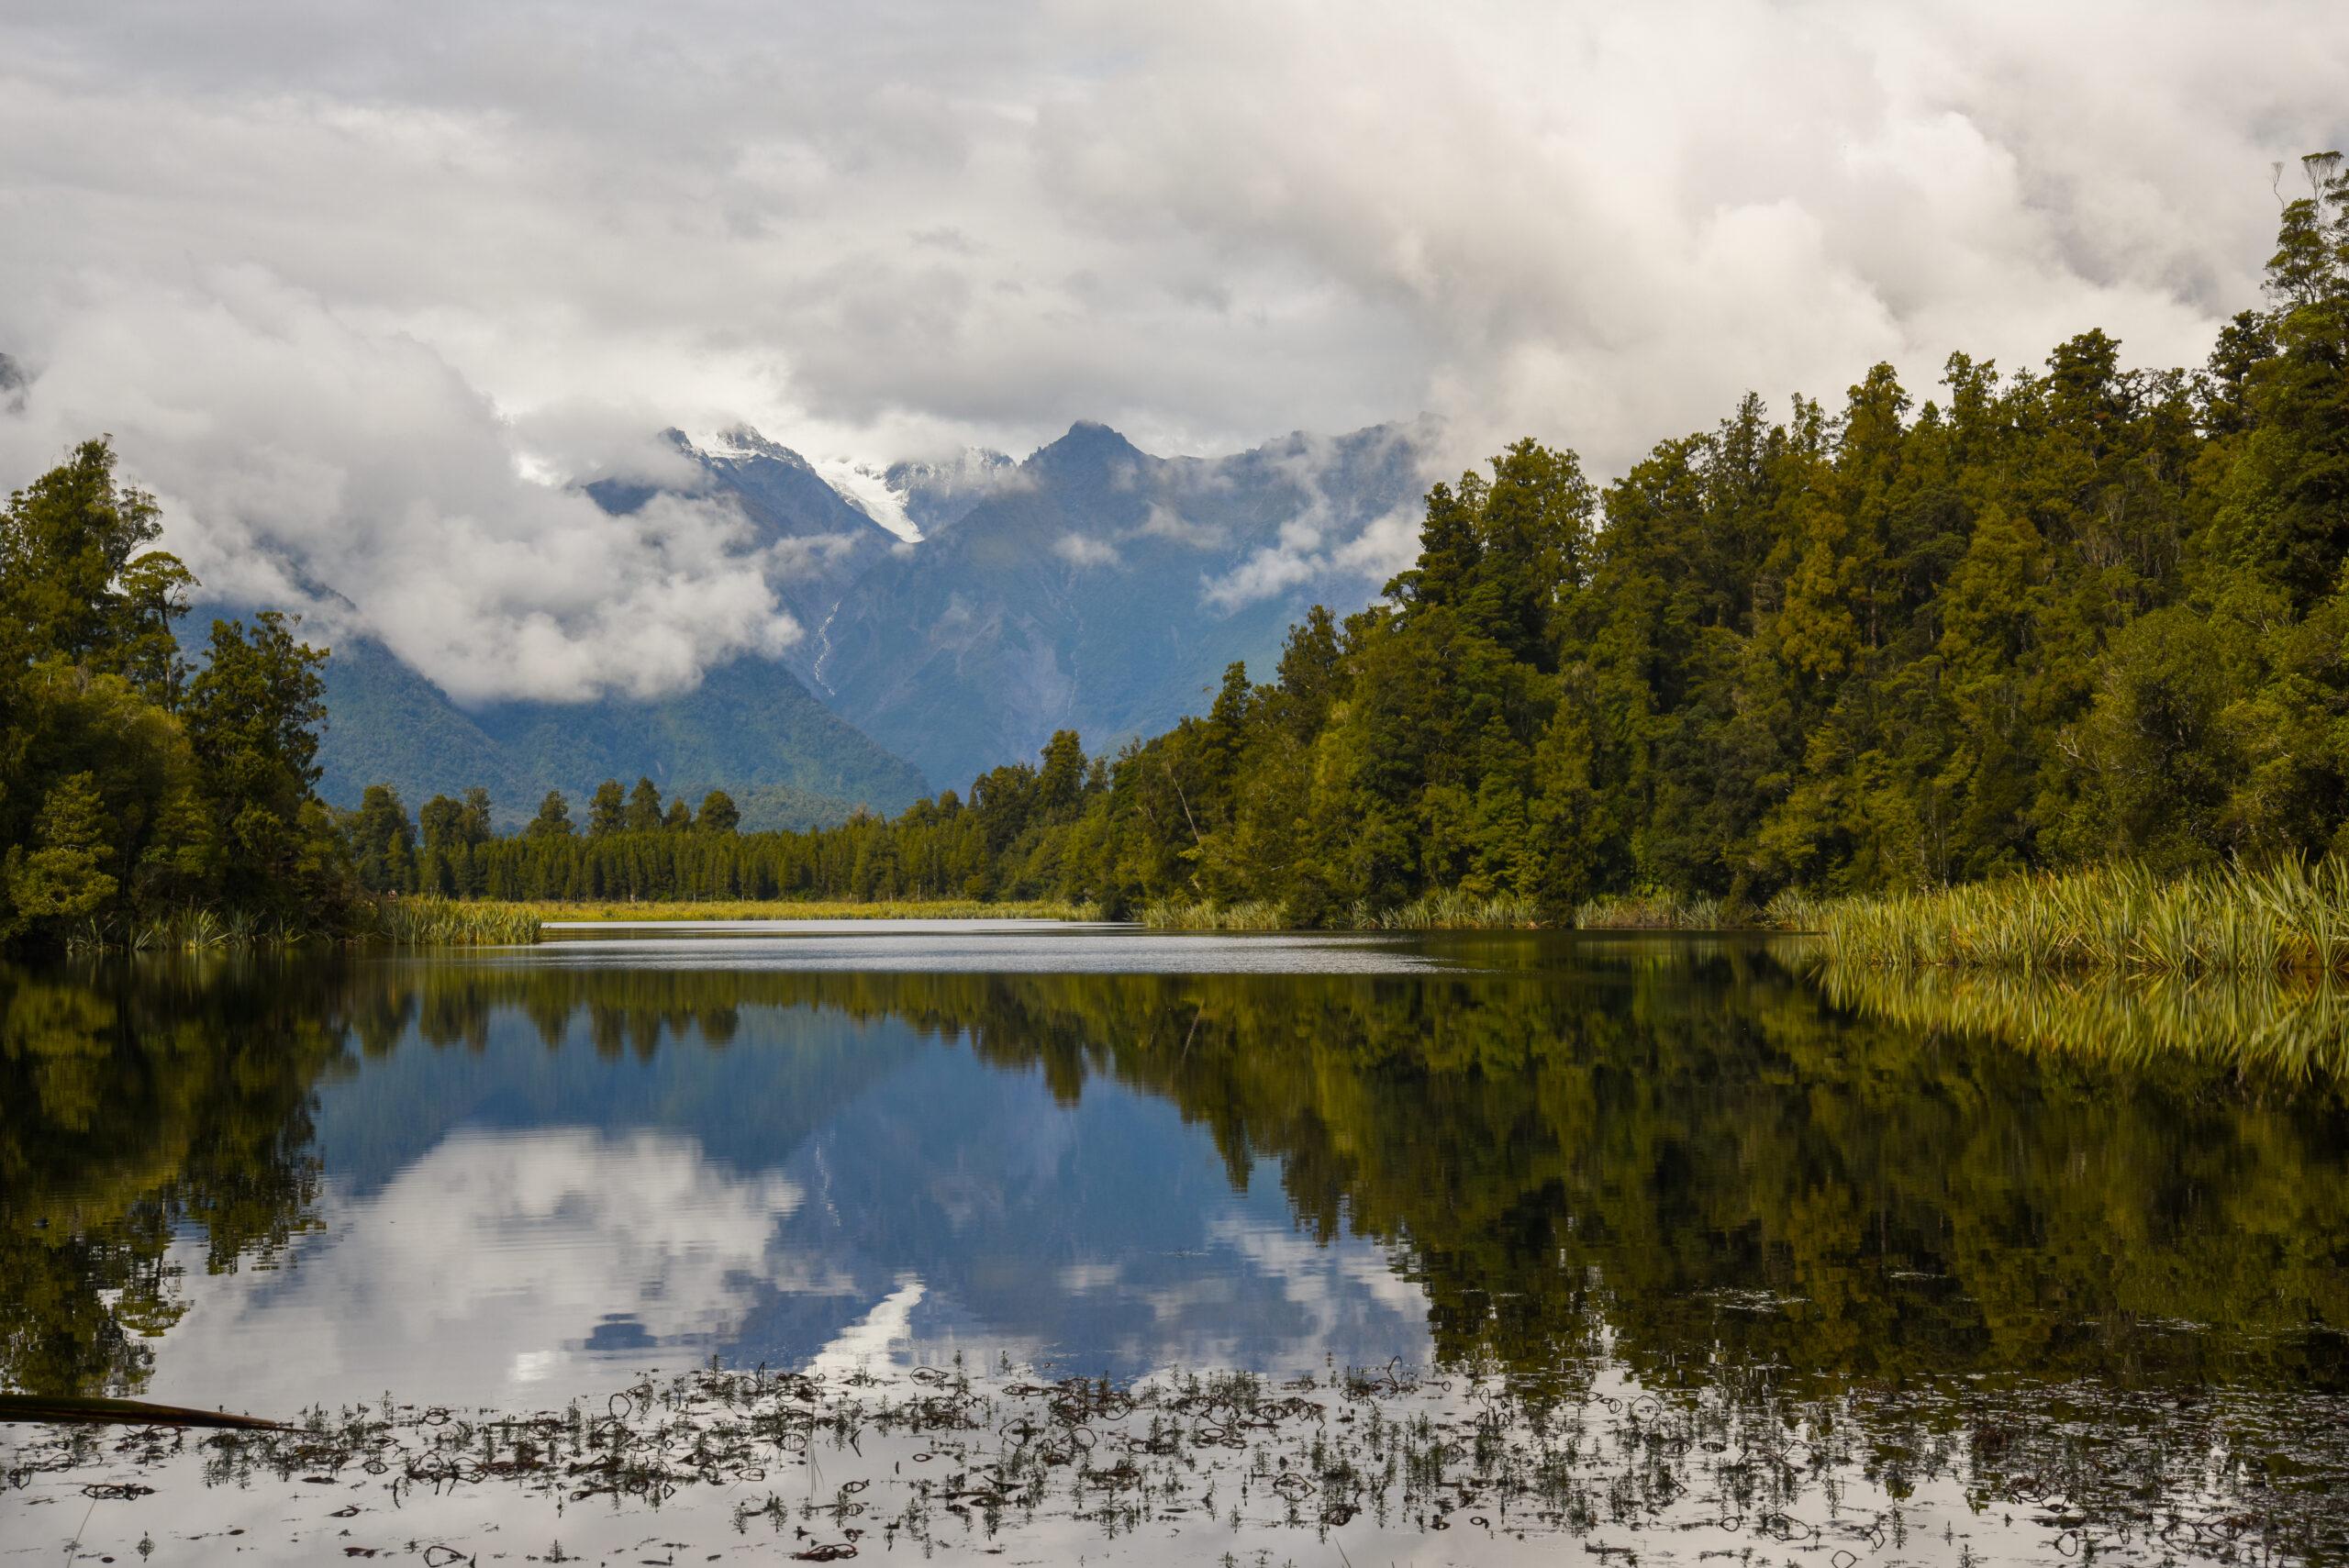 รัฐมนตรีท้องถิ่นชี้ 'นิวซีแลนด์' ต้องปฎิรูประบบจัดการน้ำ